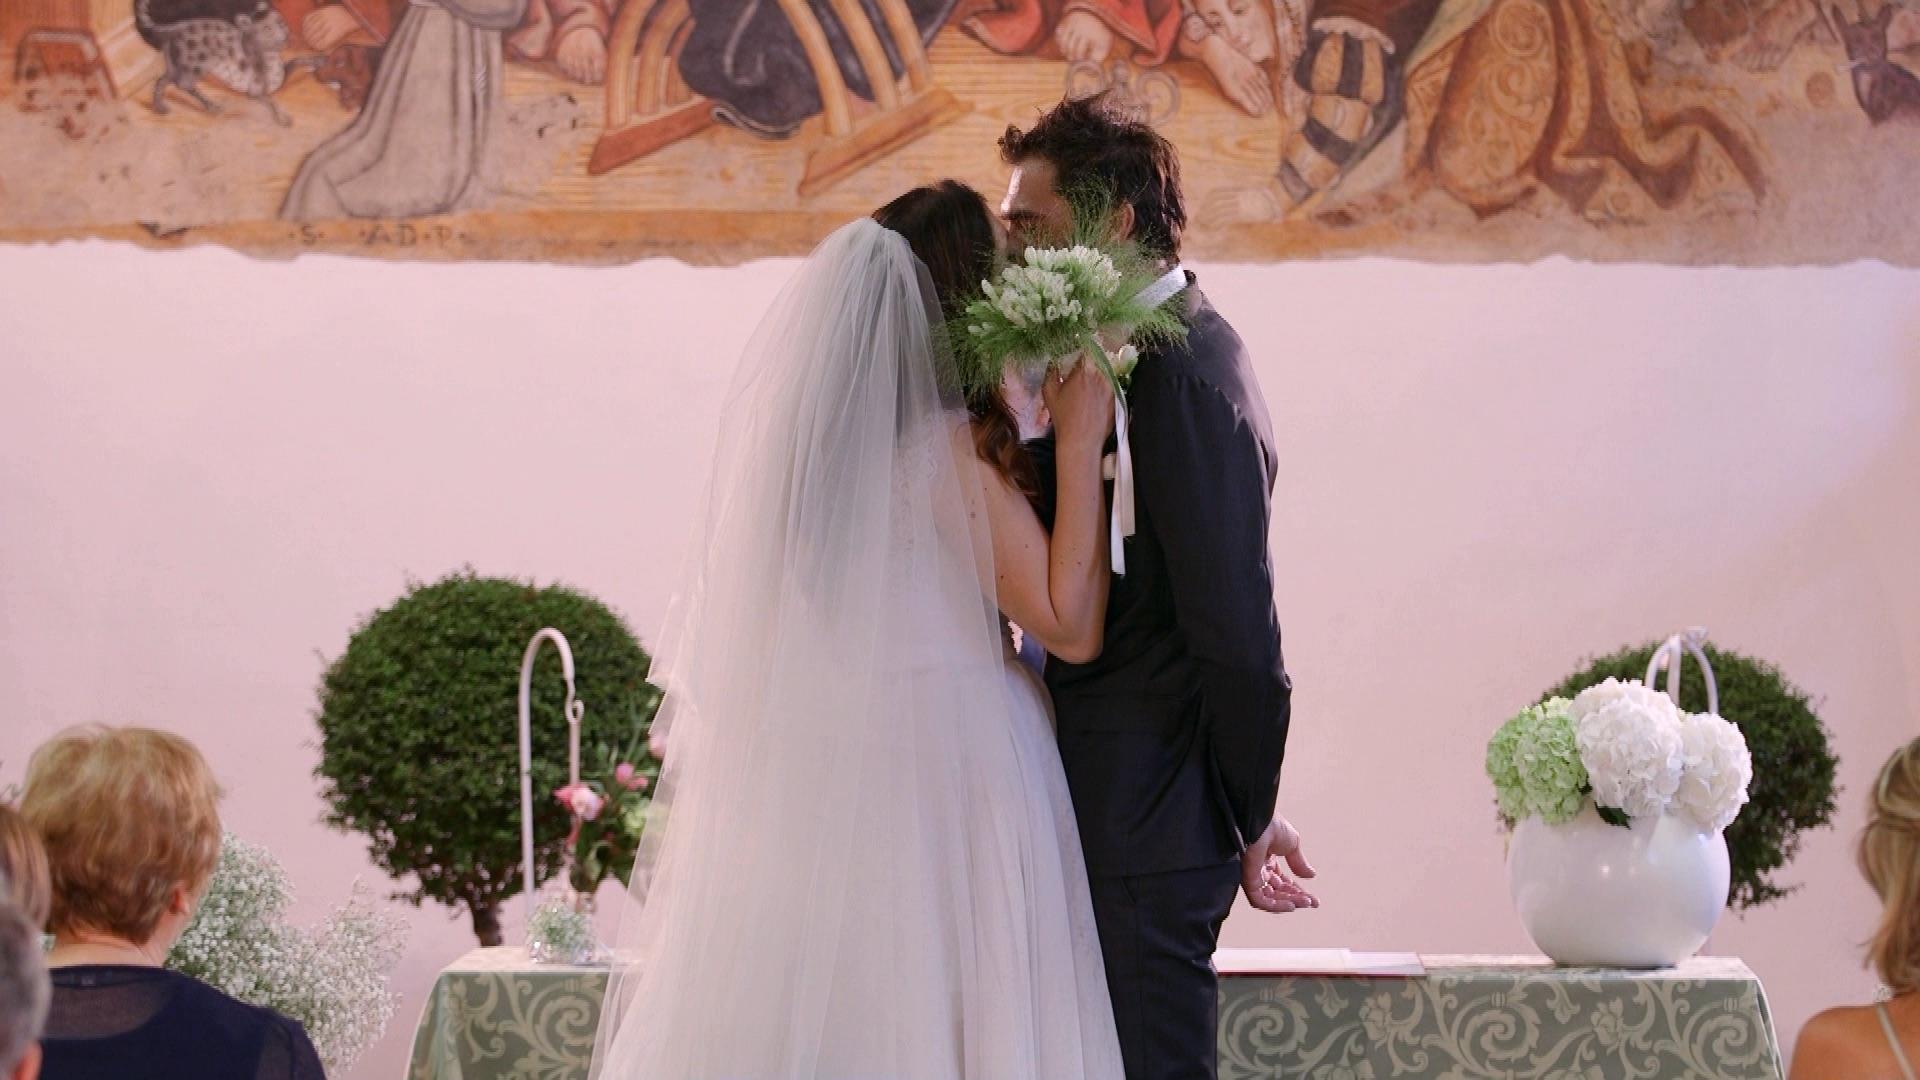 Matrimonio a prima vista Italia su Sky Uno dal 19 maggio 2016: 3 coppie si sposano al buio